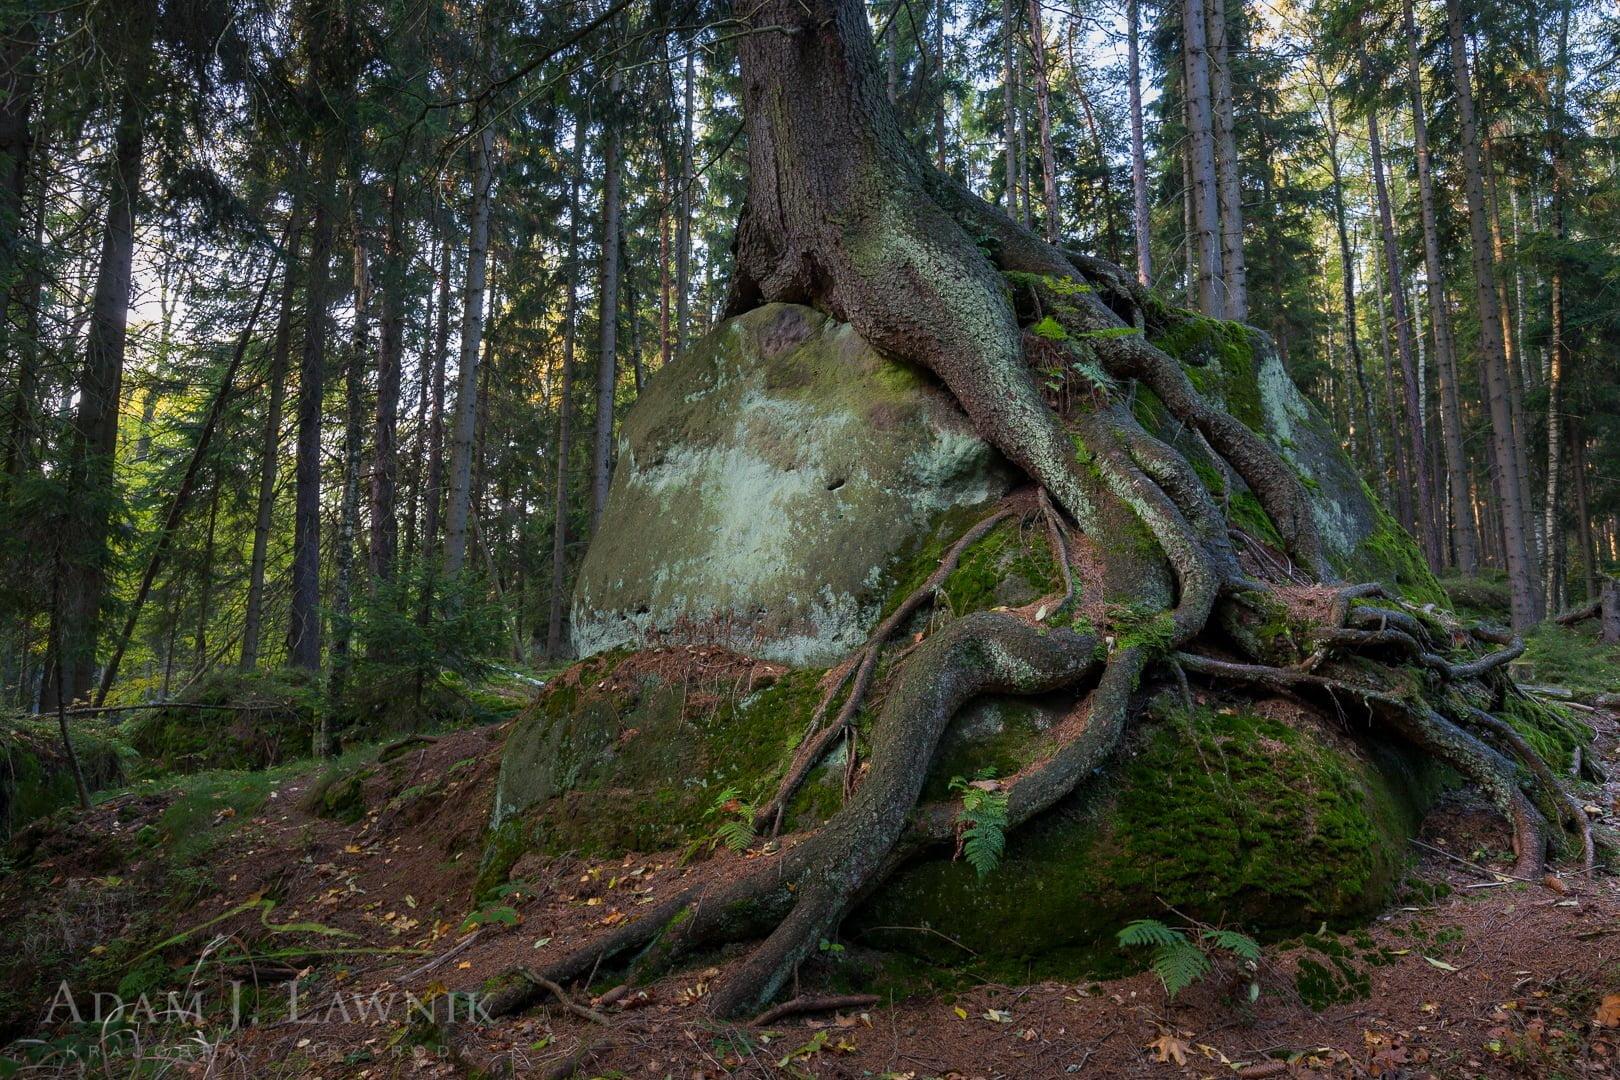 Korzenie drzewa obrastające głaz